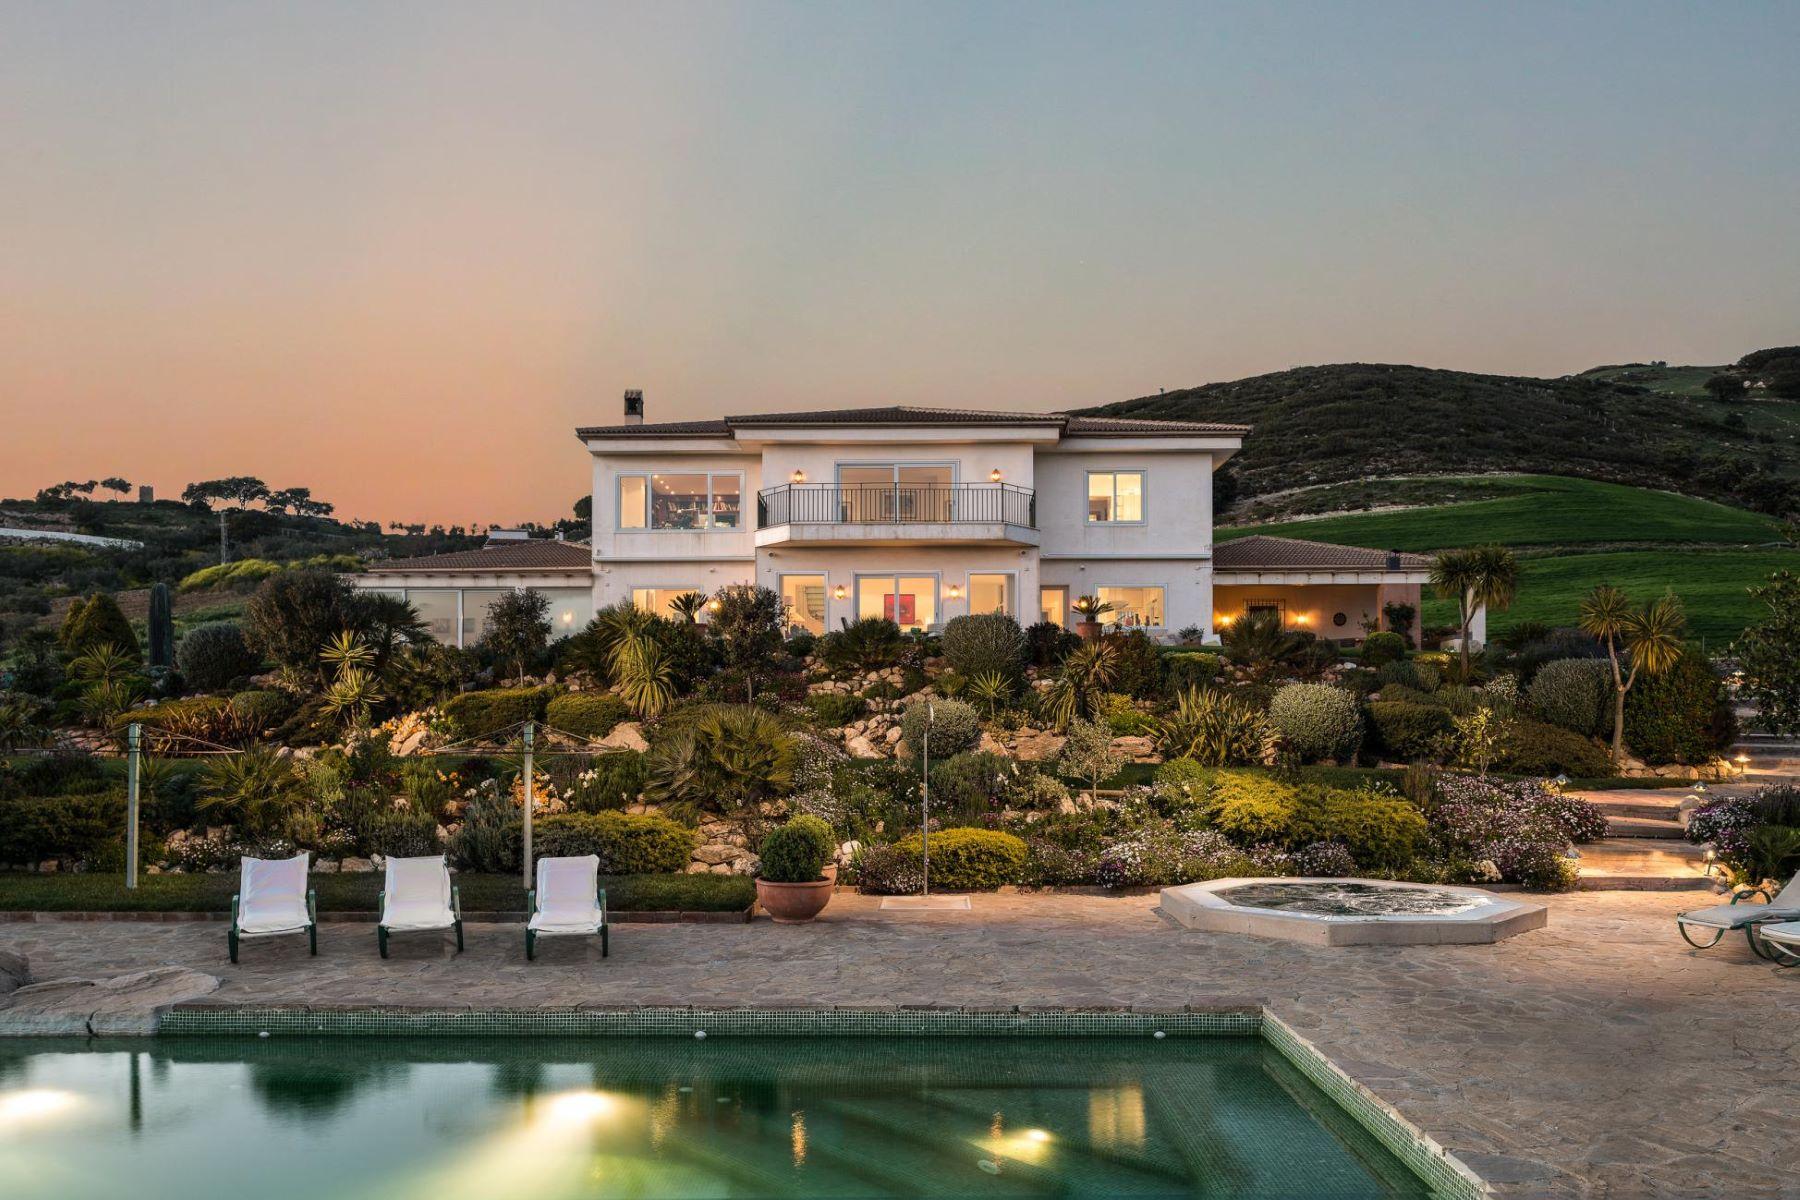 莊園式牧場 / 農場 / 種植園 為 出售 在 Finca Los Rosales Malaga, 安達盧西亞, 西班牙